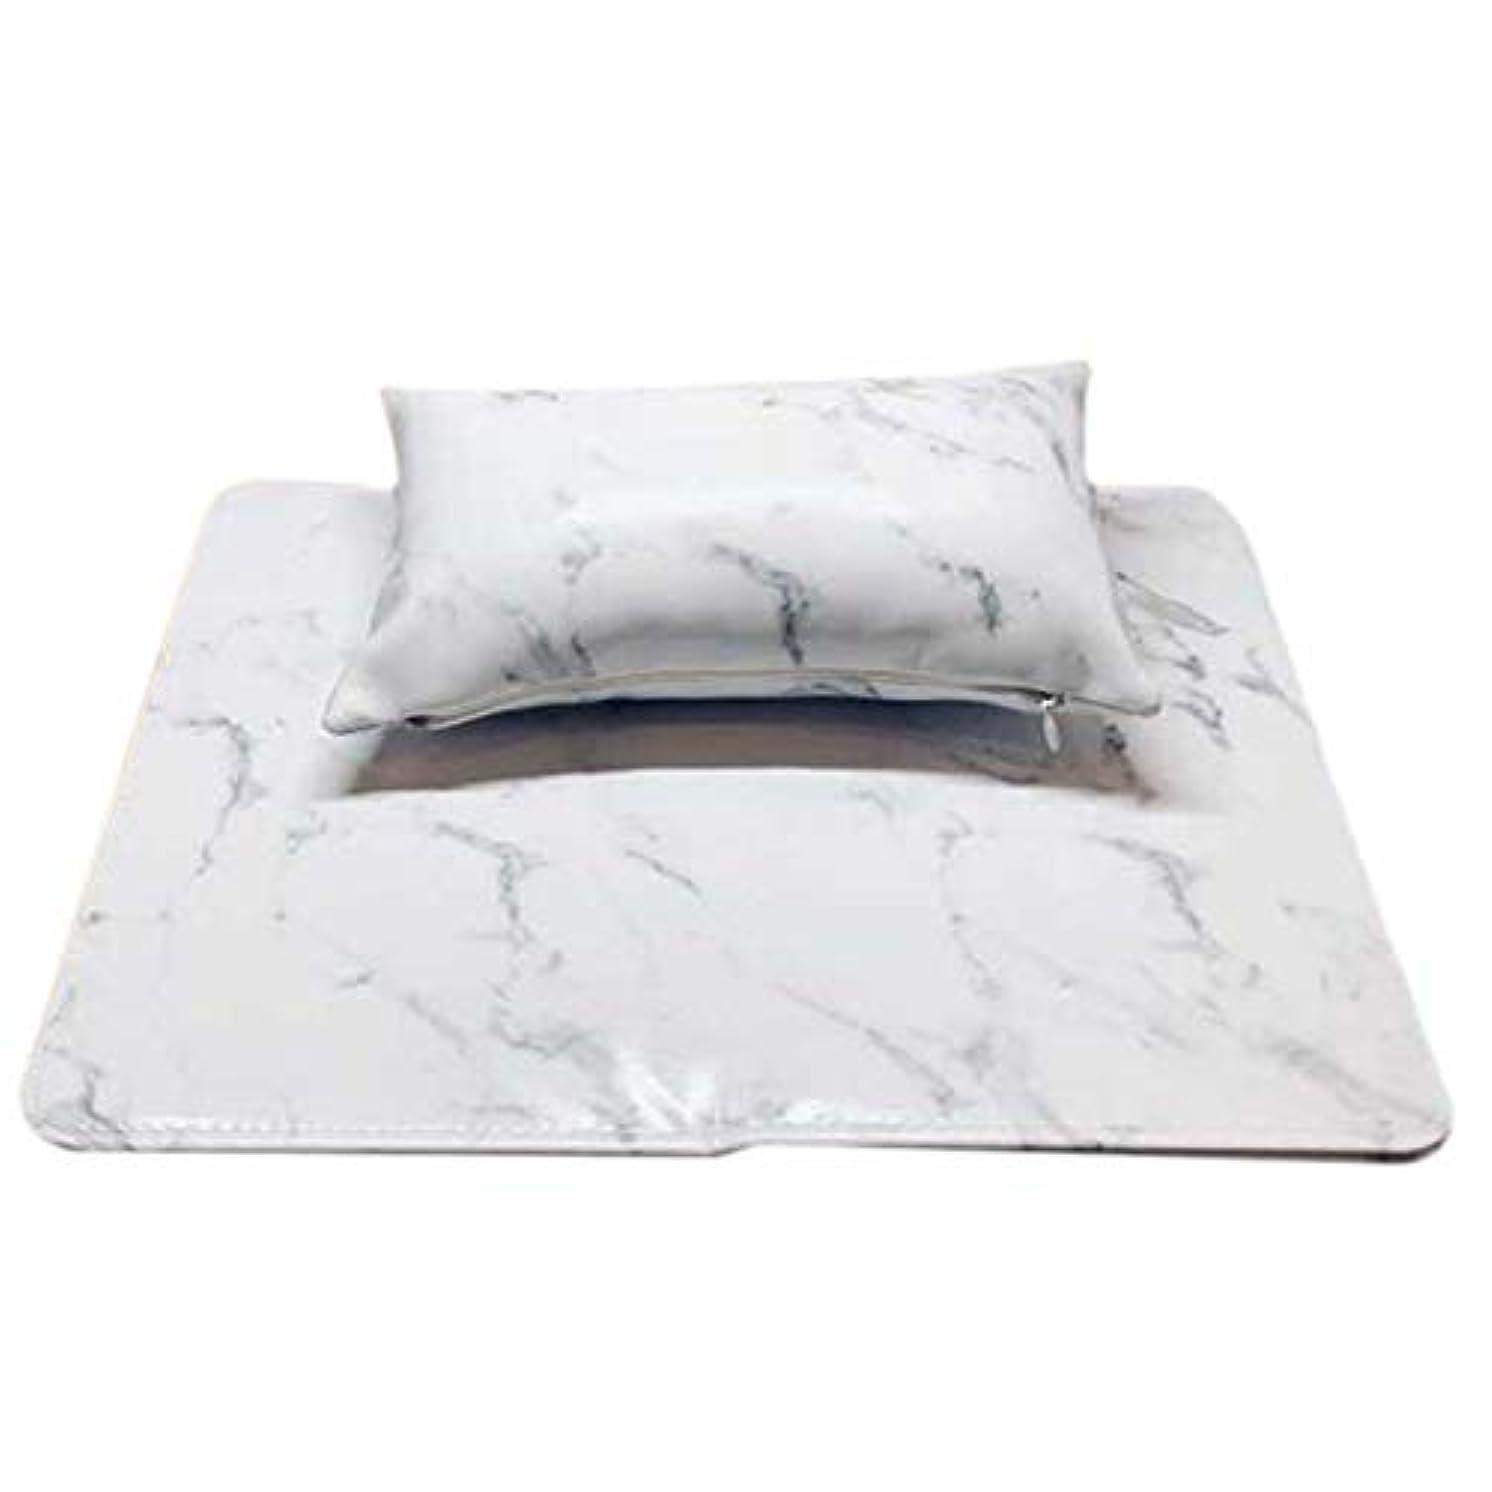 ずんぐりした証言素晴らしいSODIAL マニキュアツール ソフトハンドクッション枕とパッドレストネイルアートアームレストホルダー マニキュアネイルアートアクセサリーレザー(2個 一体化)ホワイト